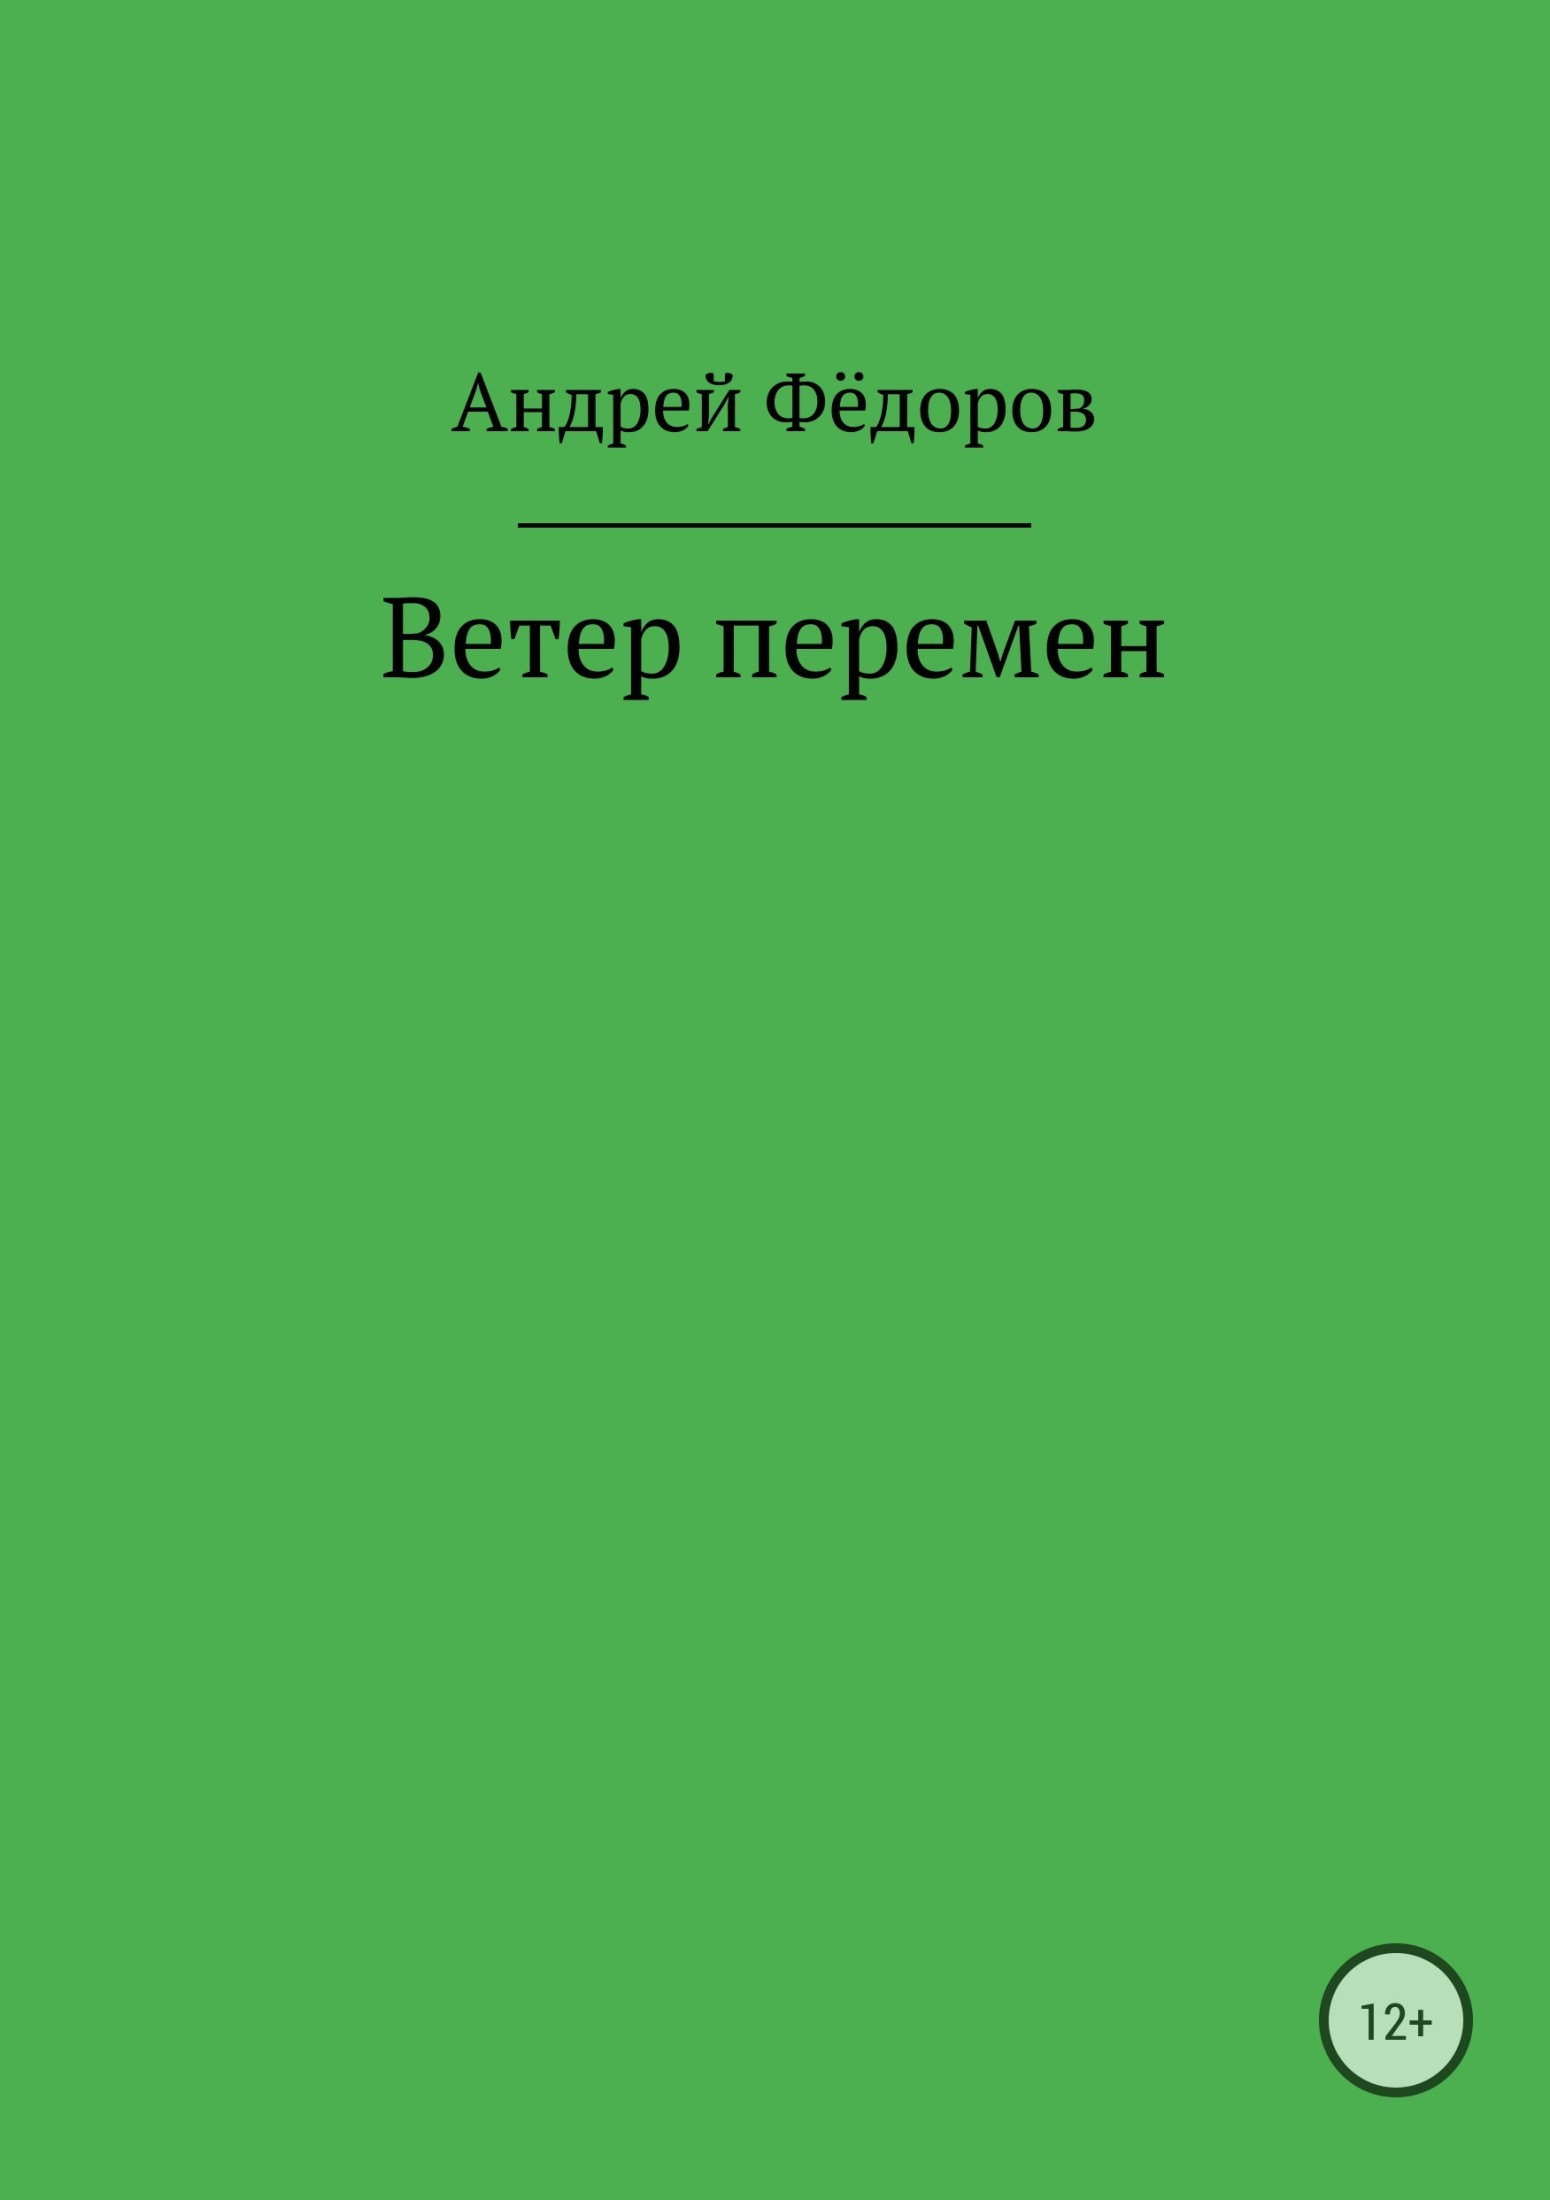 Андрей Фёдоров - Ветер перемен